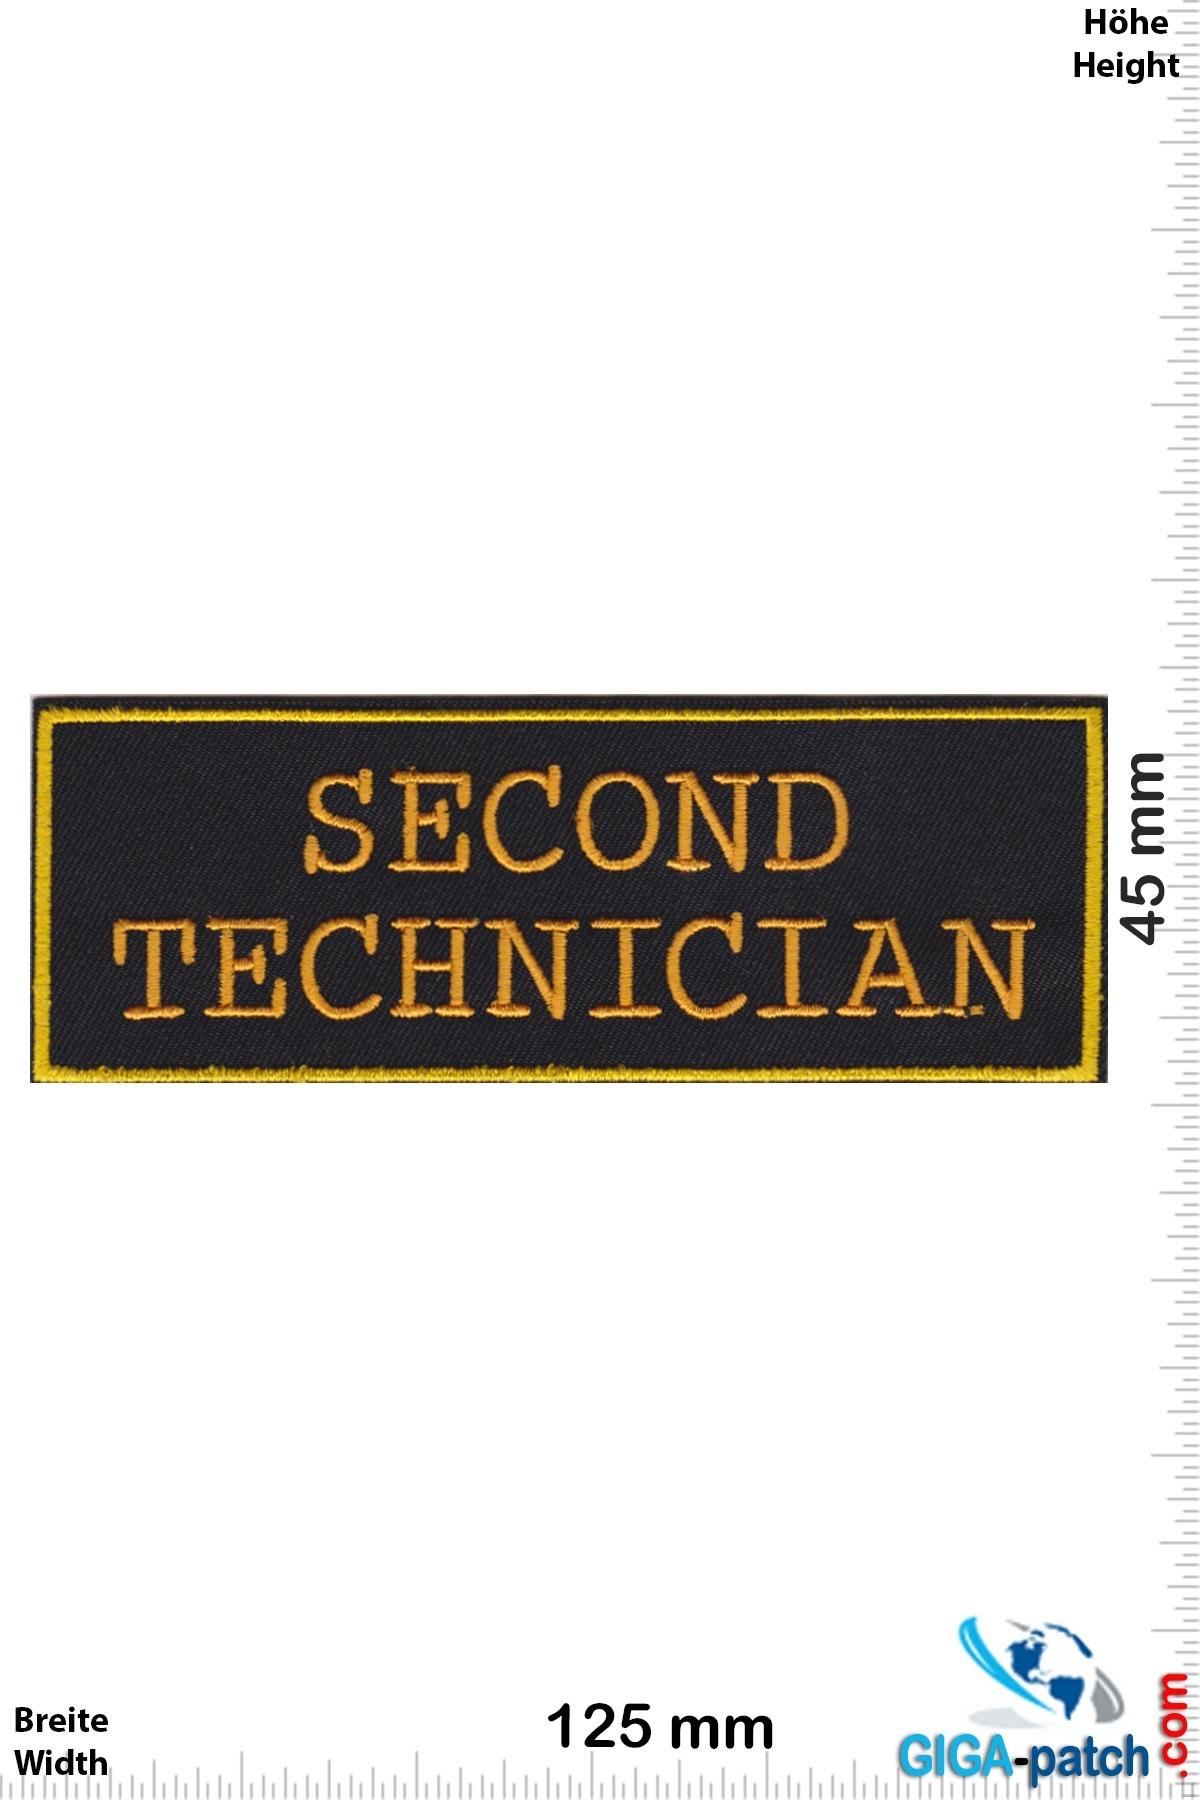 Red Dwarf Third Technician